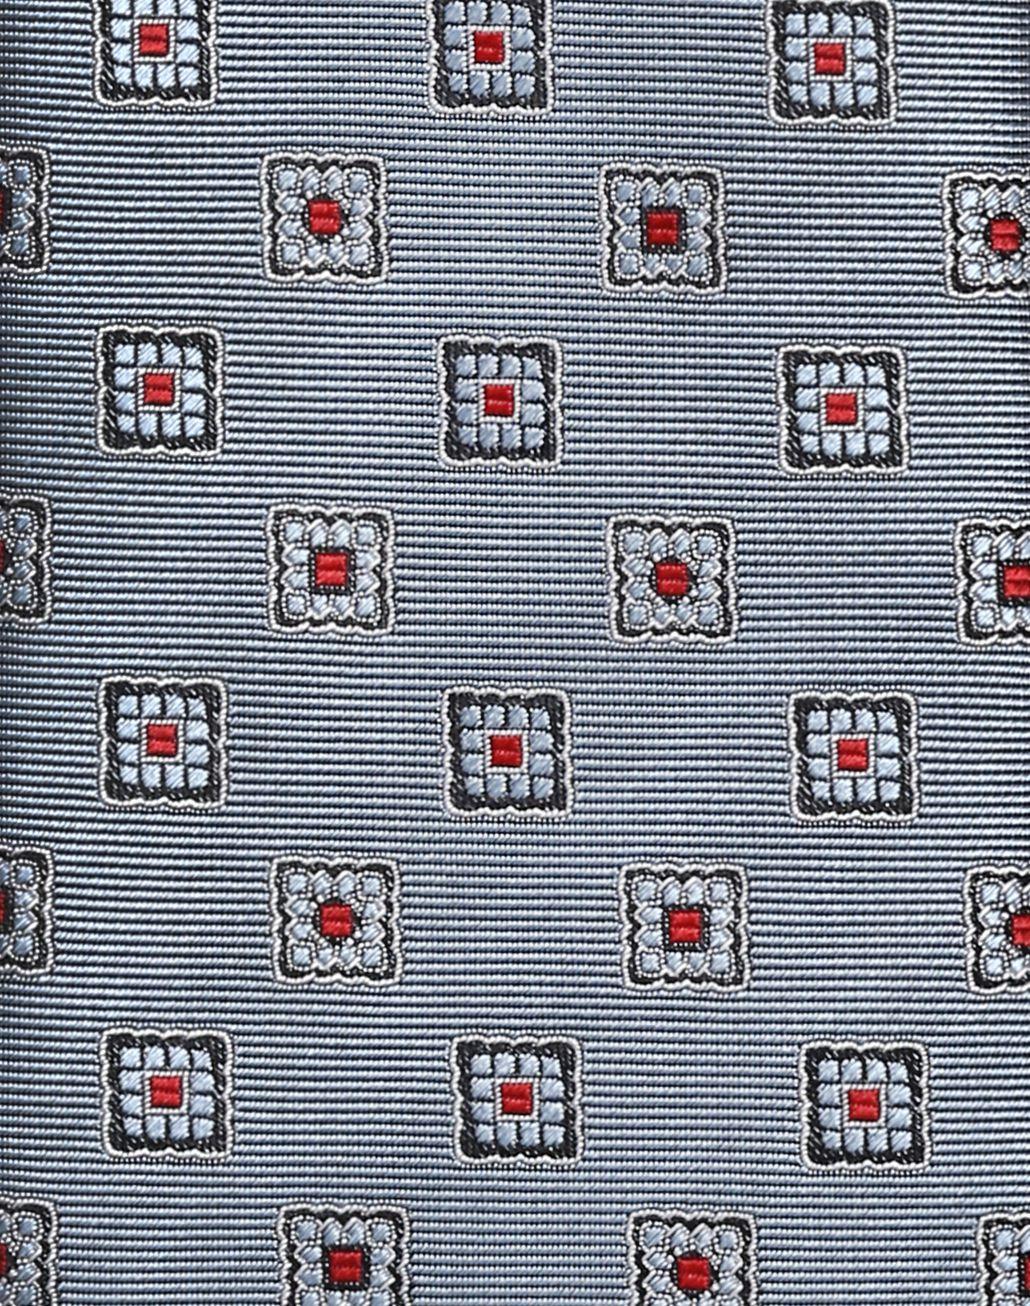 BRIONI Bluette Macro-Design Tie Tie Man d